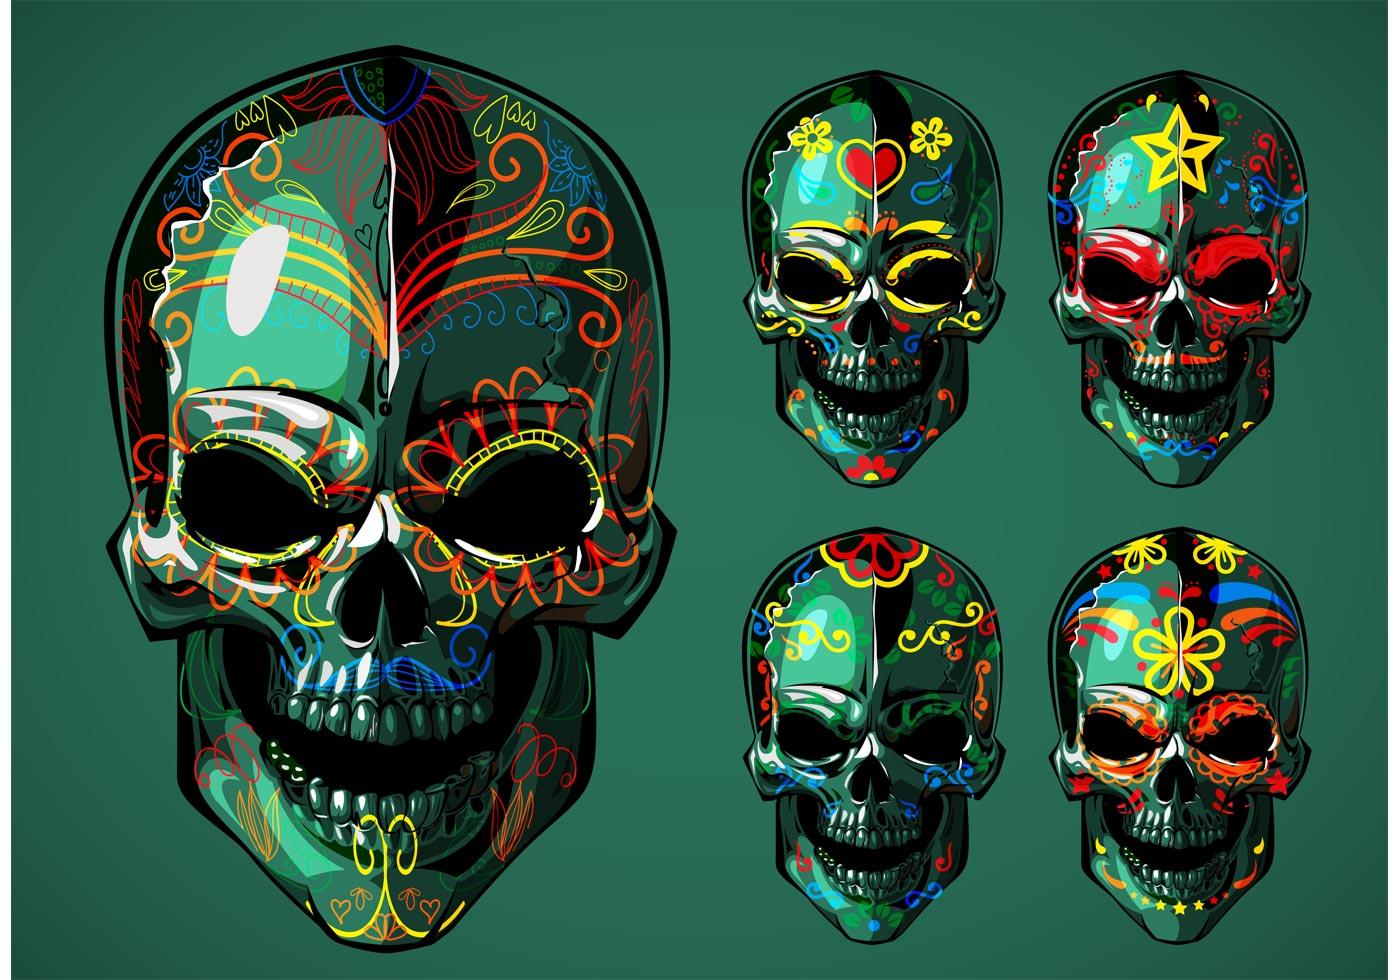 Dia de Los Muertos Sugar Skull Vectors - Download Free ...